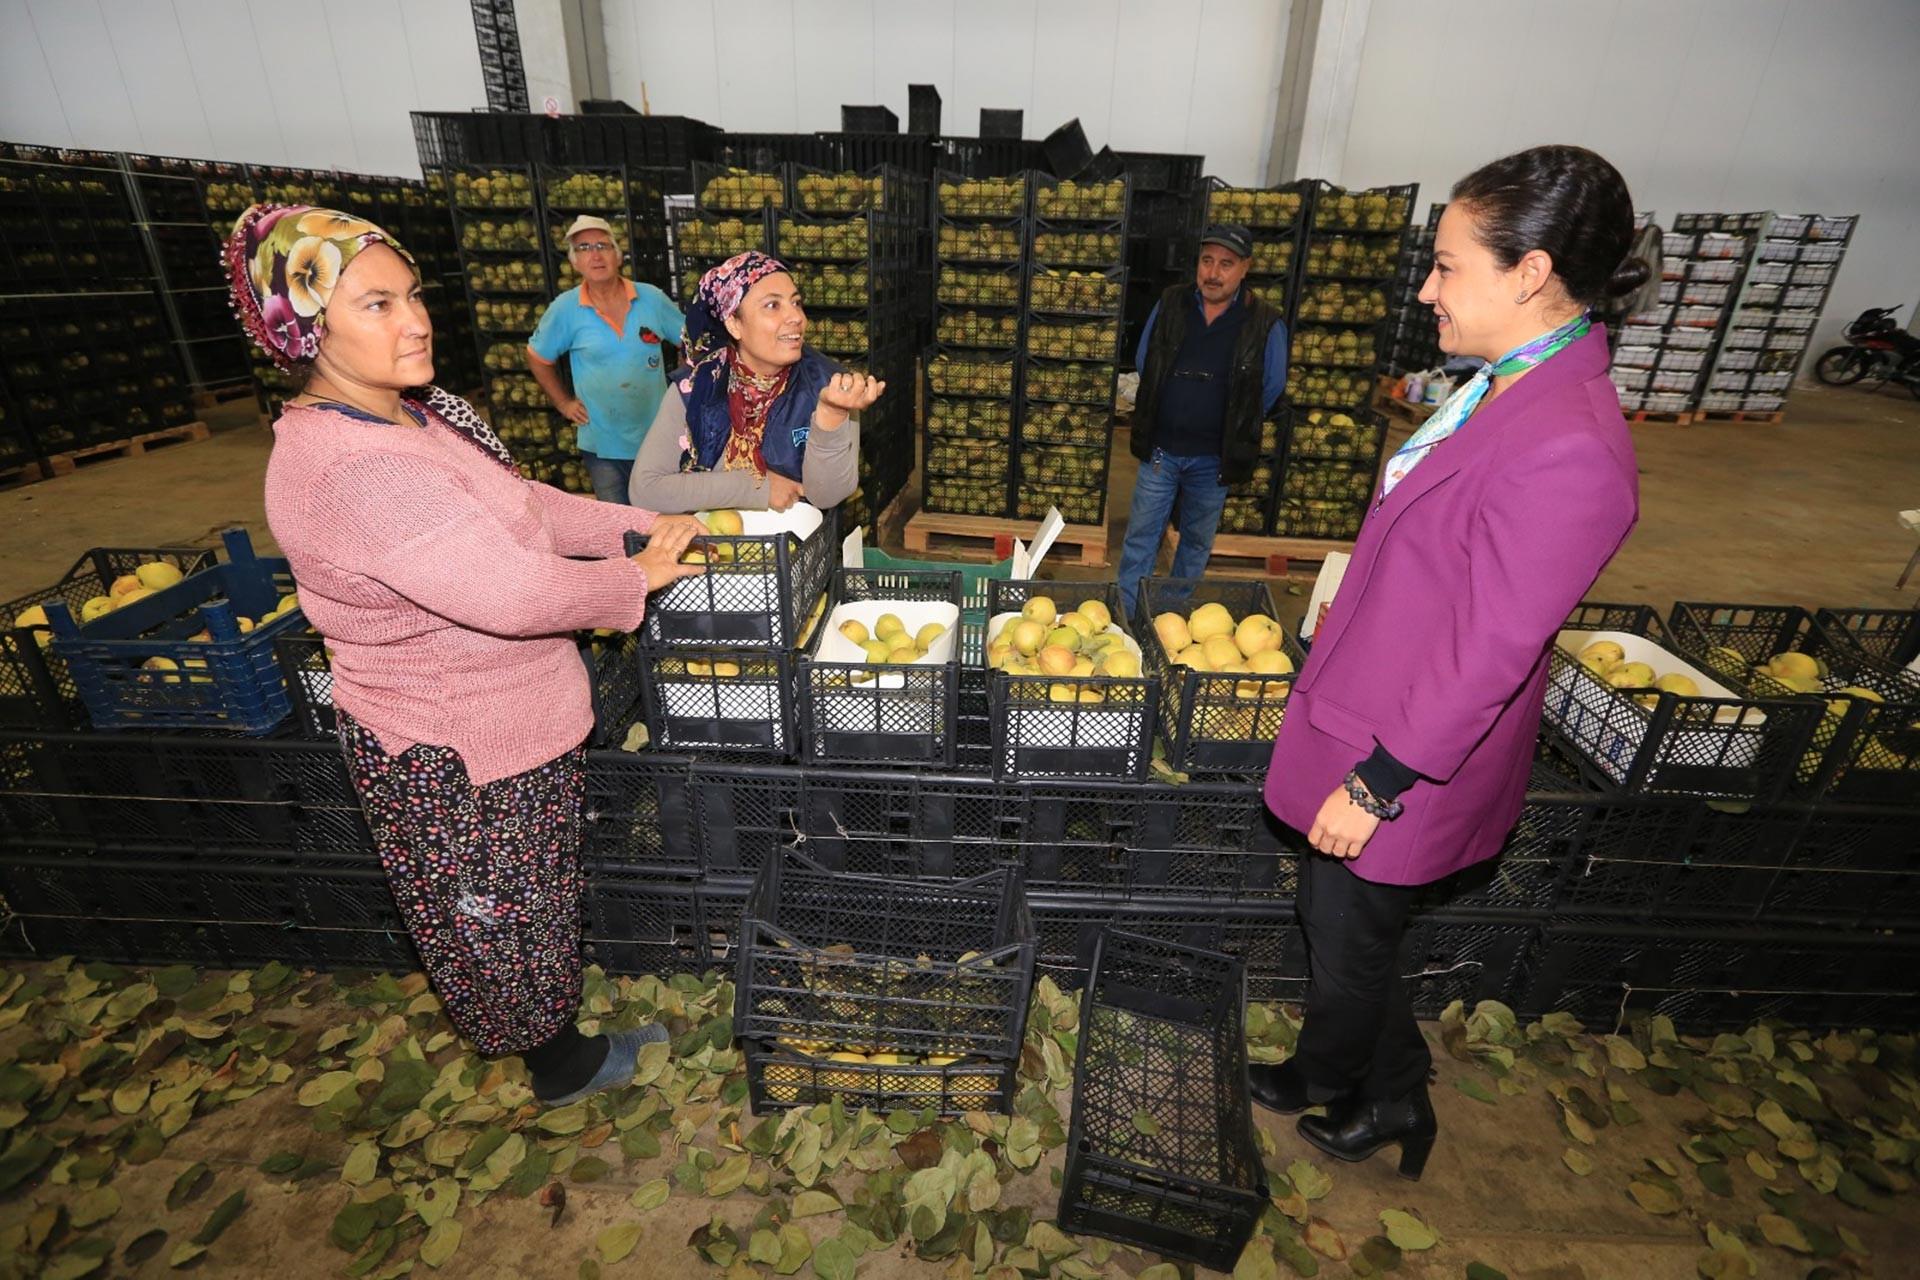 Selçuk Belediye Başkanı Filiz Ceritoğlu Sengel, tarım işçisi kadınlarla görüşürken